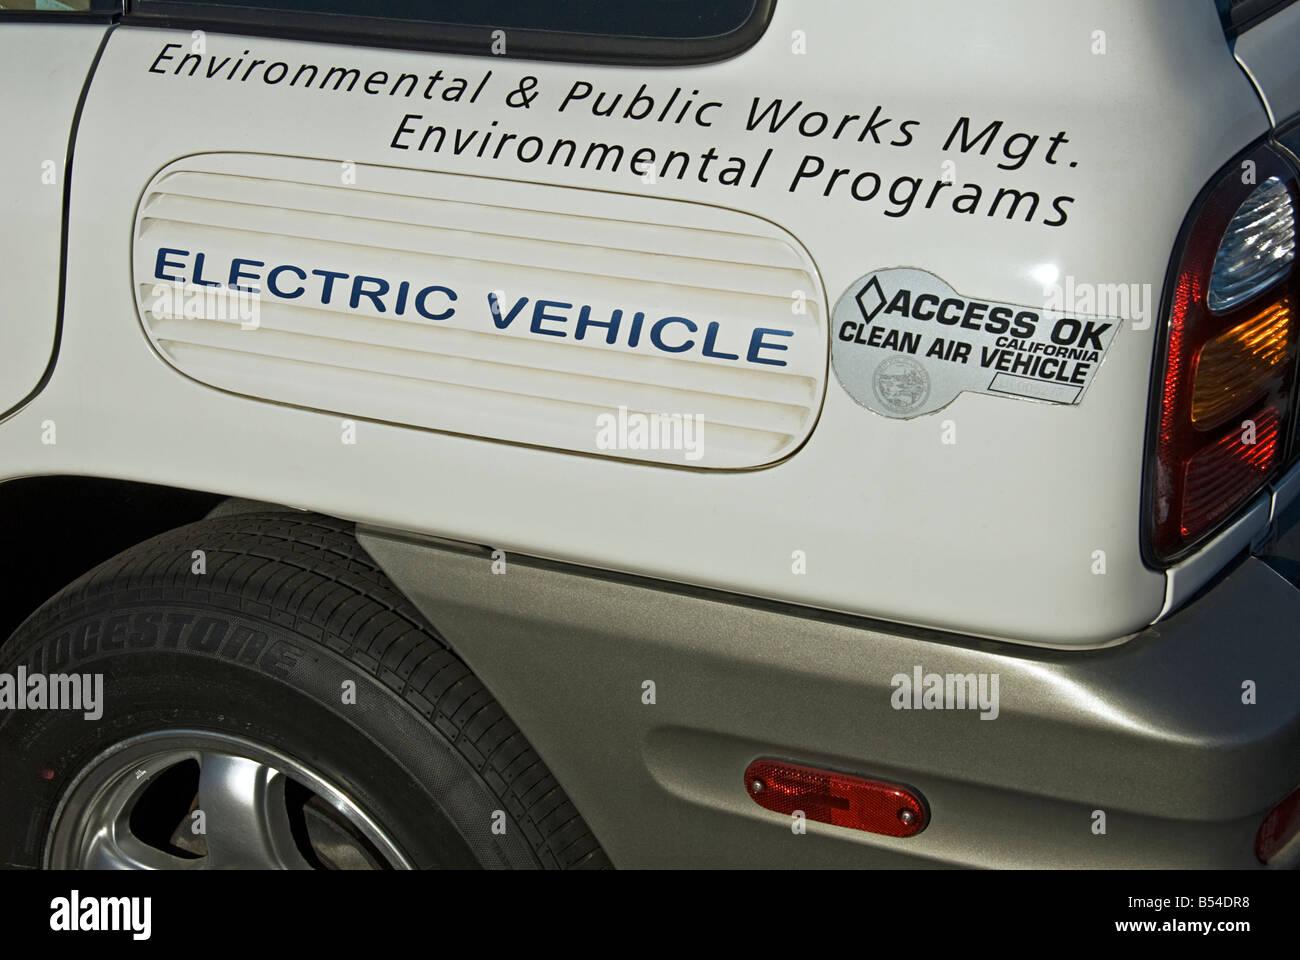 Ökostrom Elektro-Umwelt und öffentliche Arbeiten Fahrzeug Stadt von Santa Monica, CA Stockbild